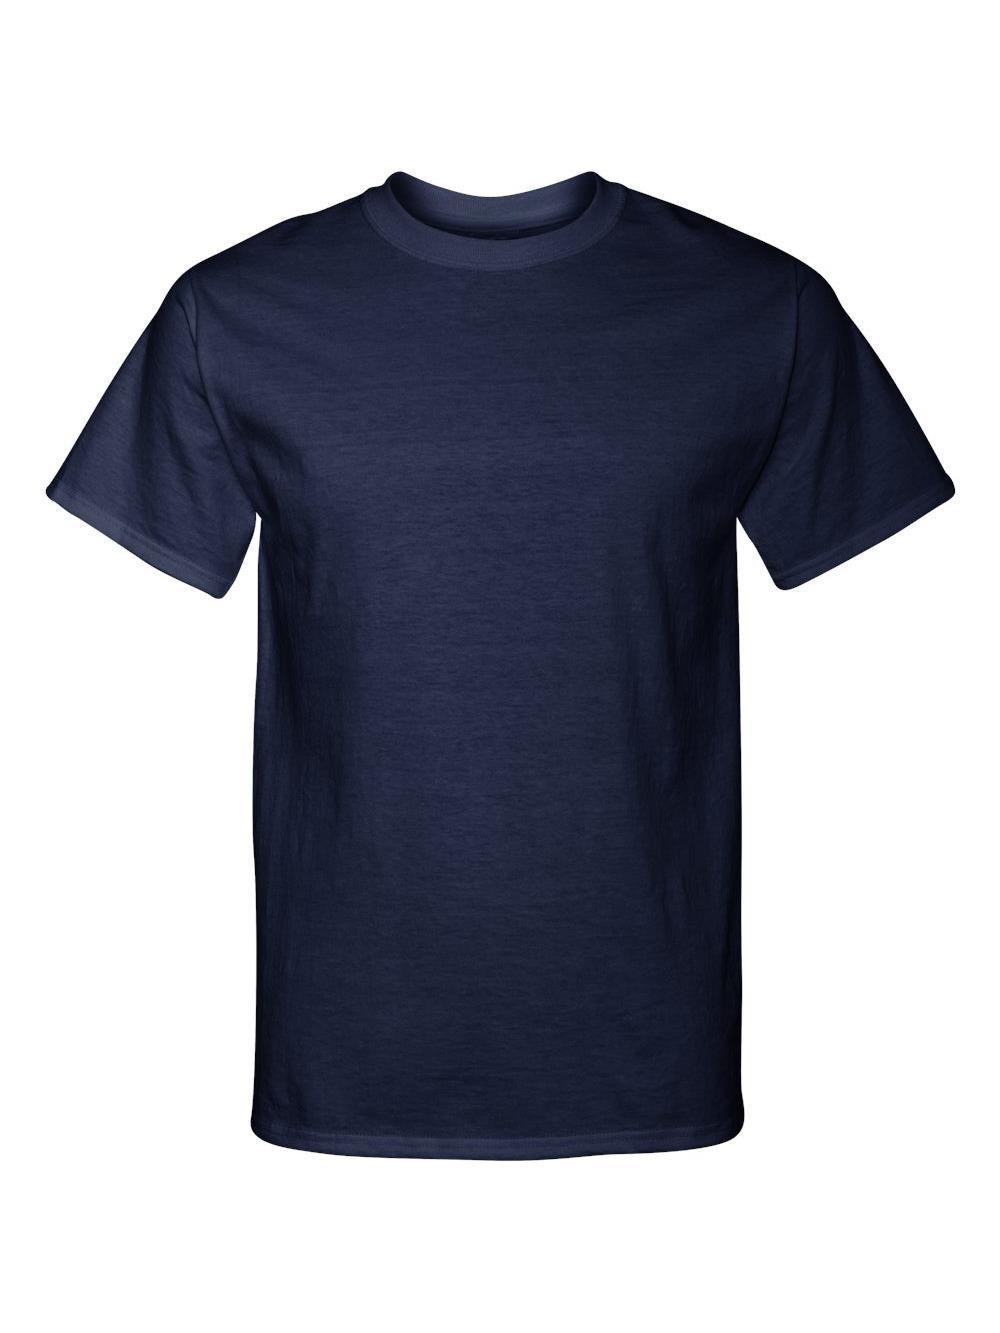 Jerzees-Dri-Power-Tall-50-50-T-Shirt-29MT thumbnail 9